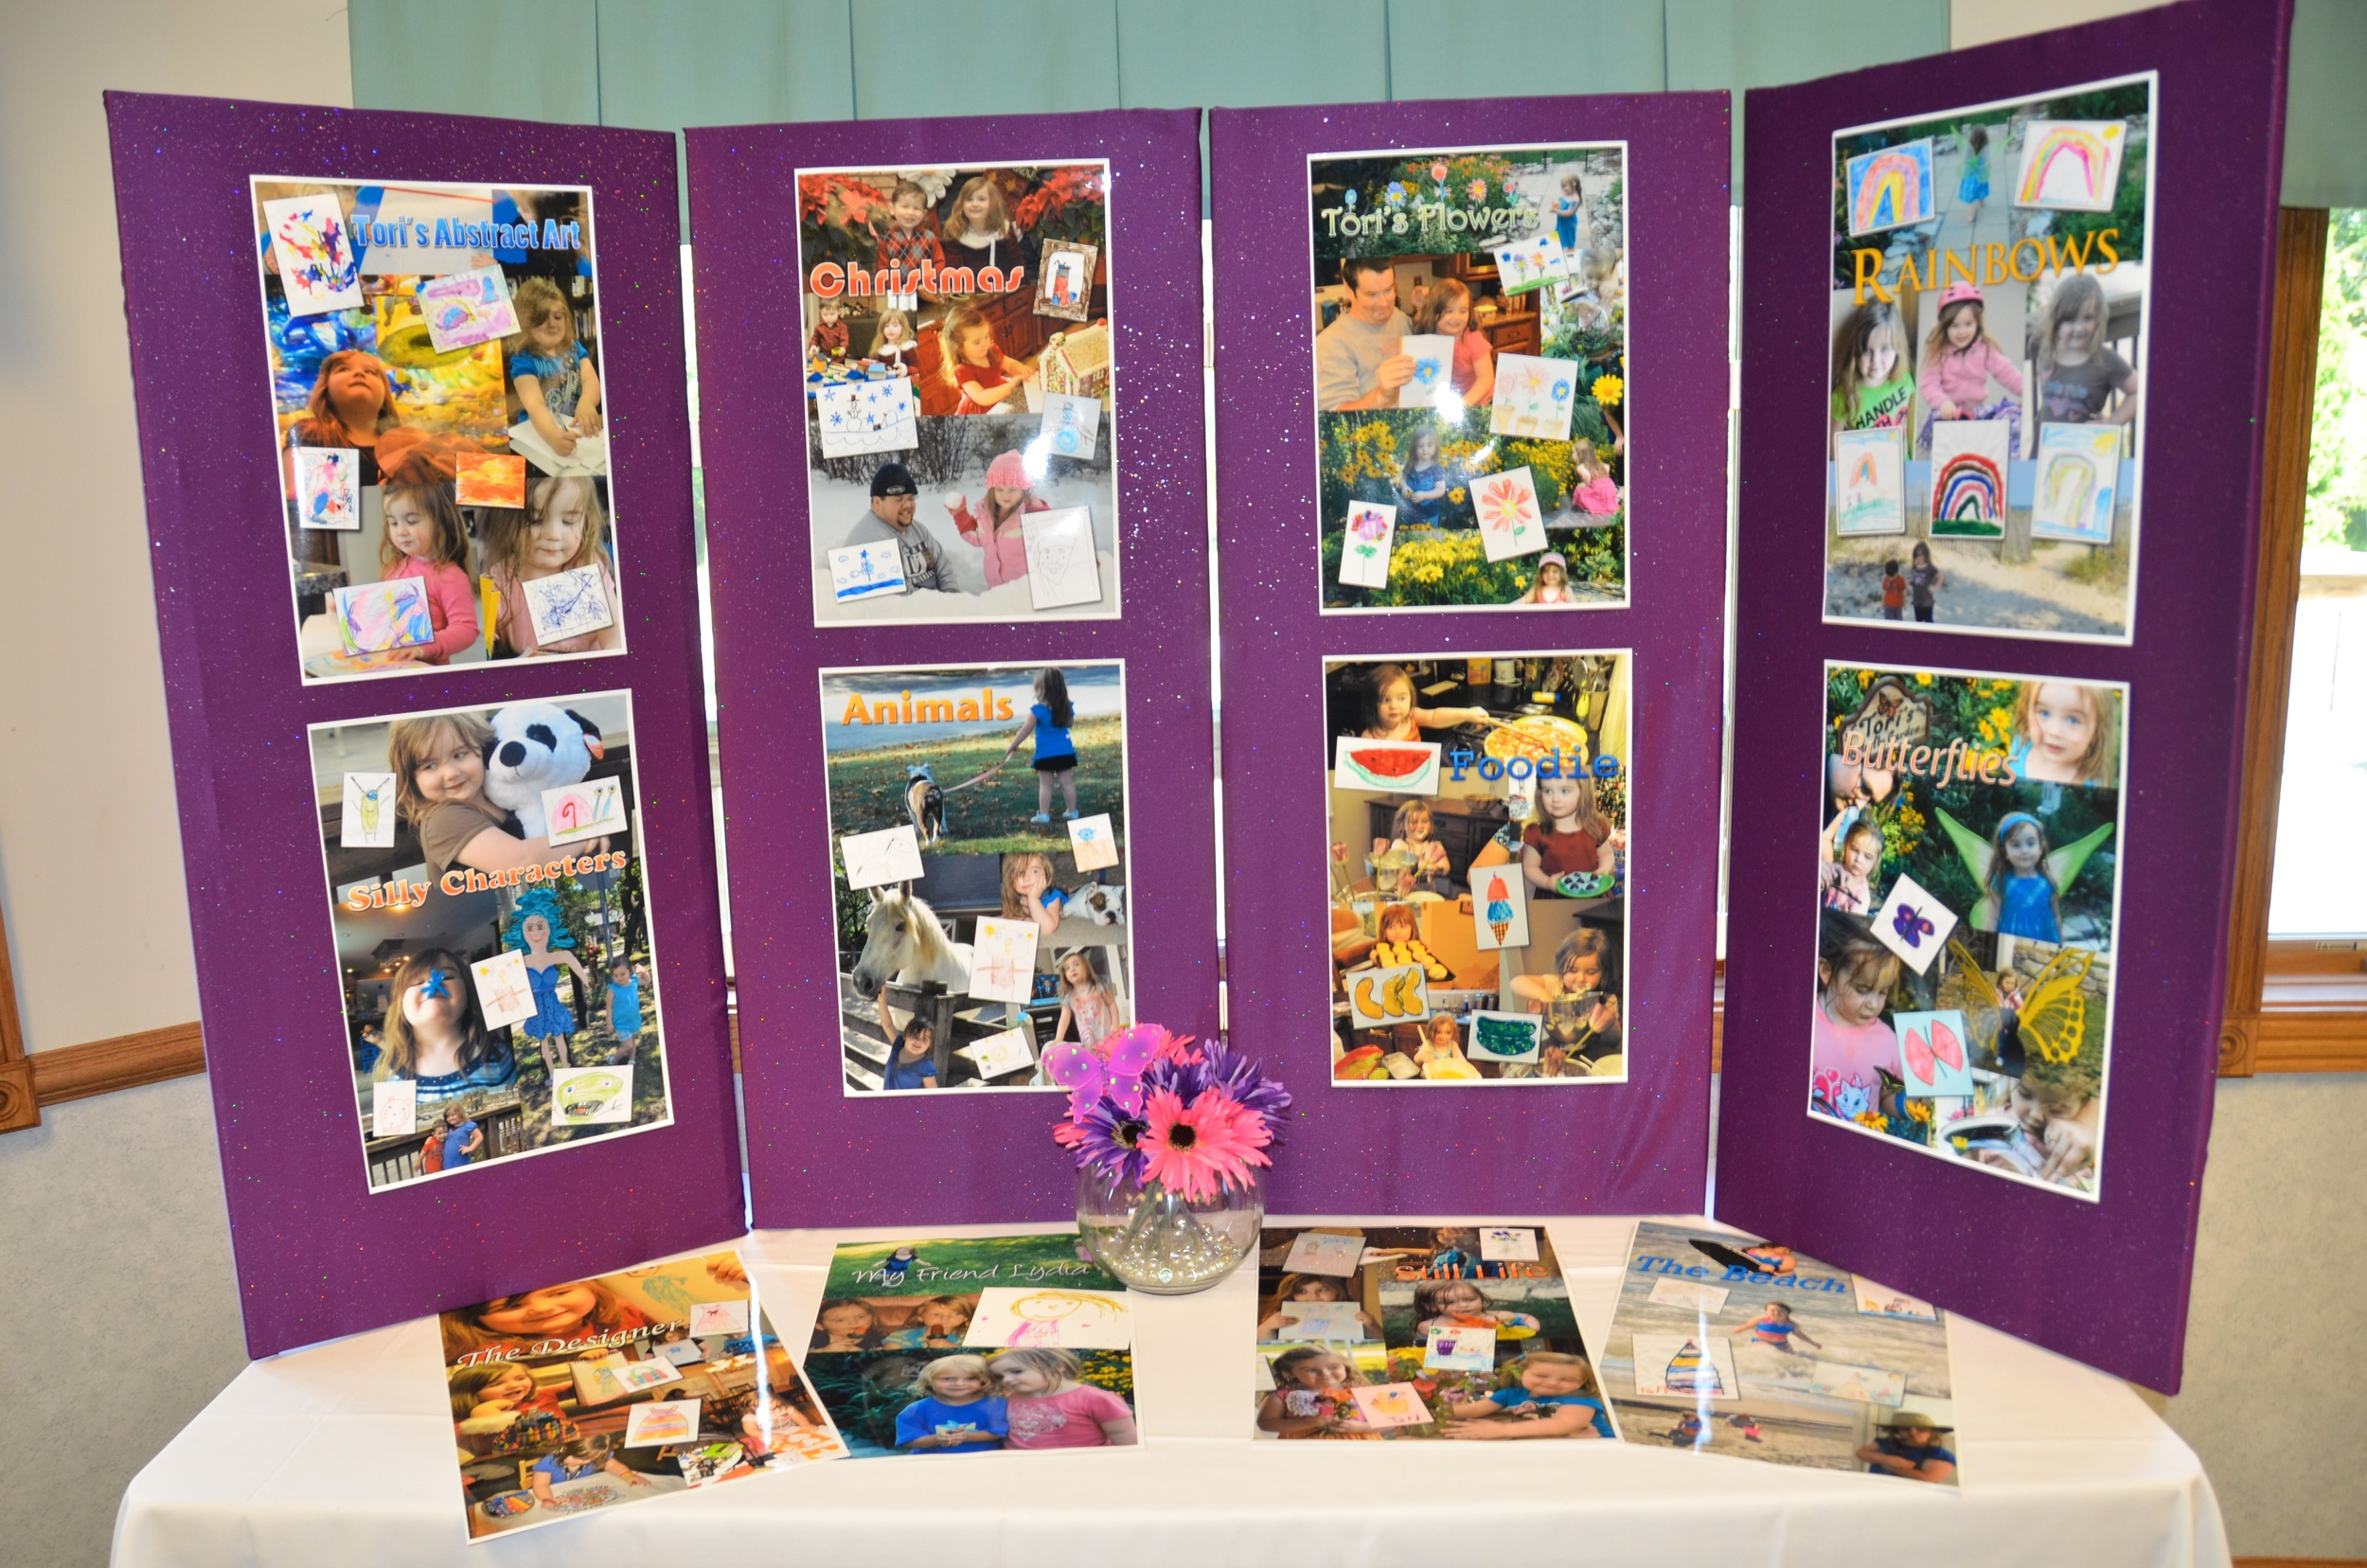 Art Dinner 9 10 2011  94826 - 2011-09-10 at 02-32-45.jpg